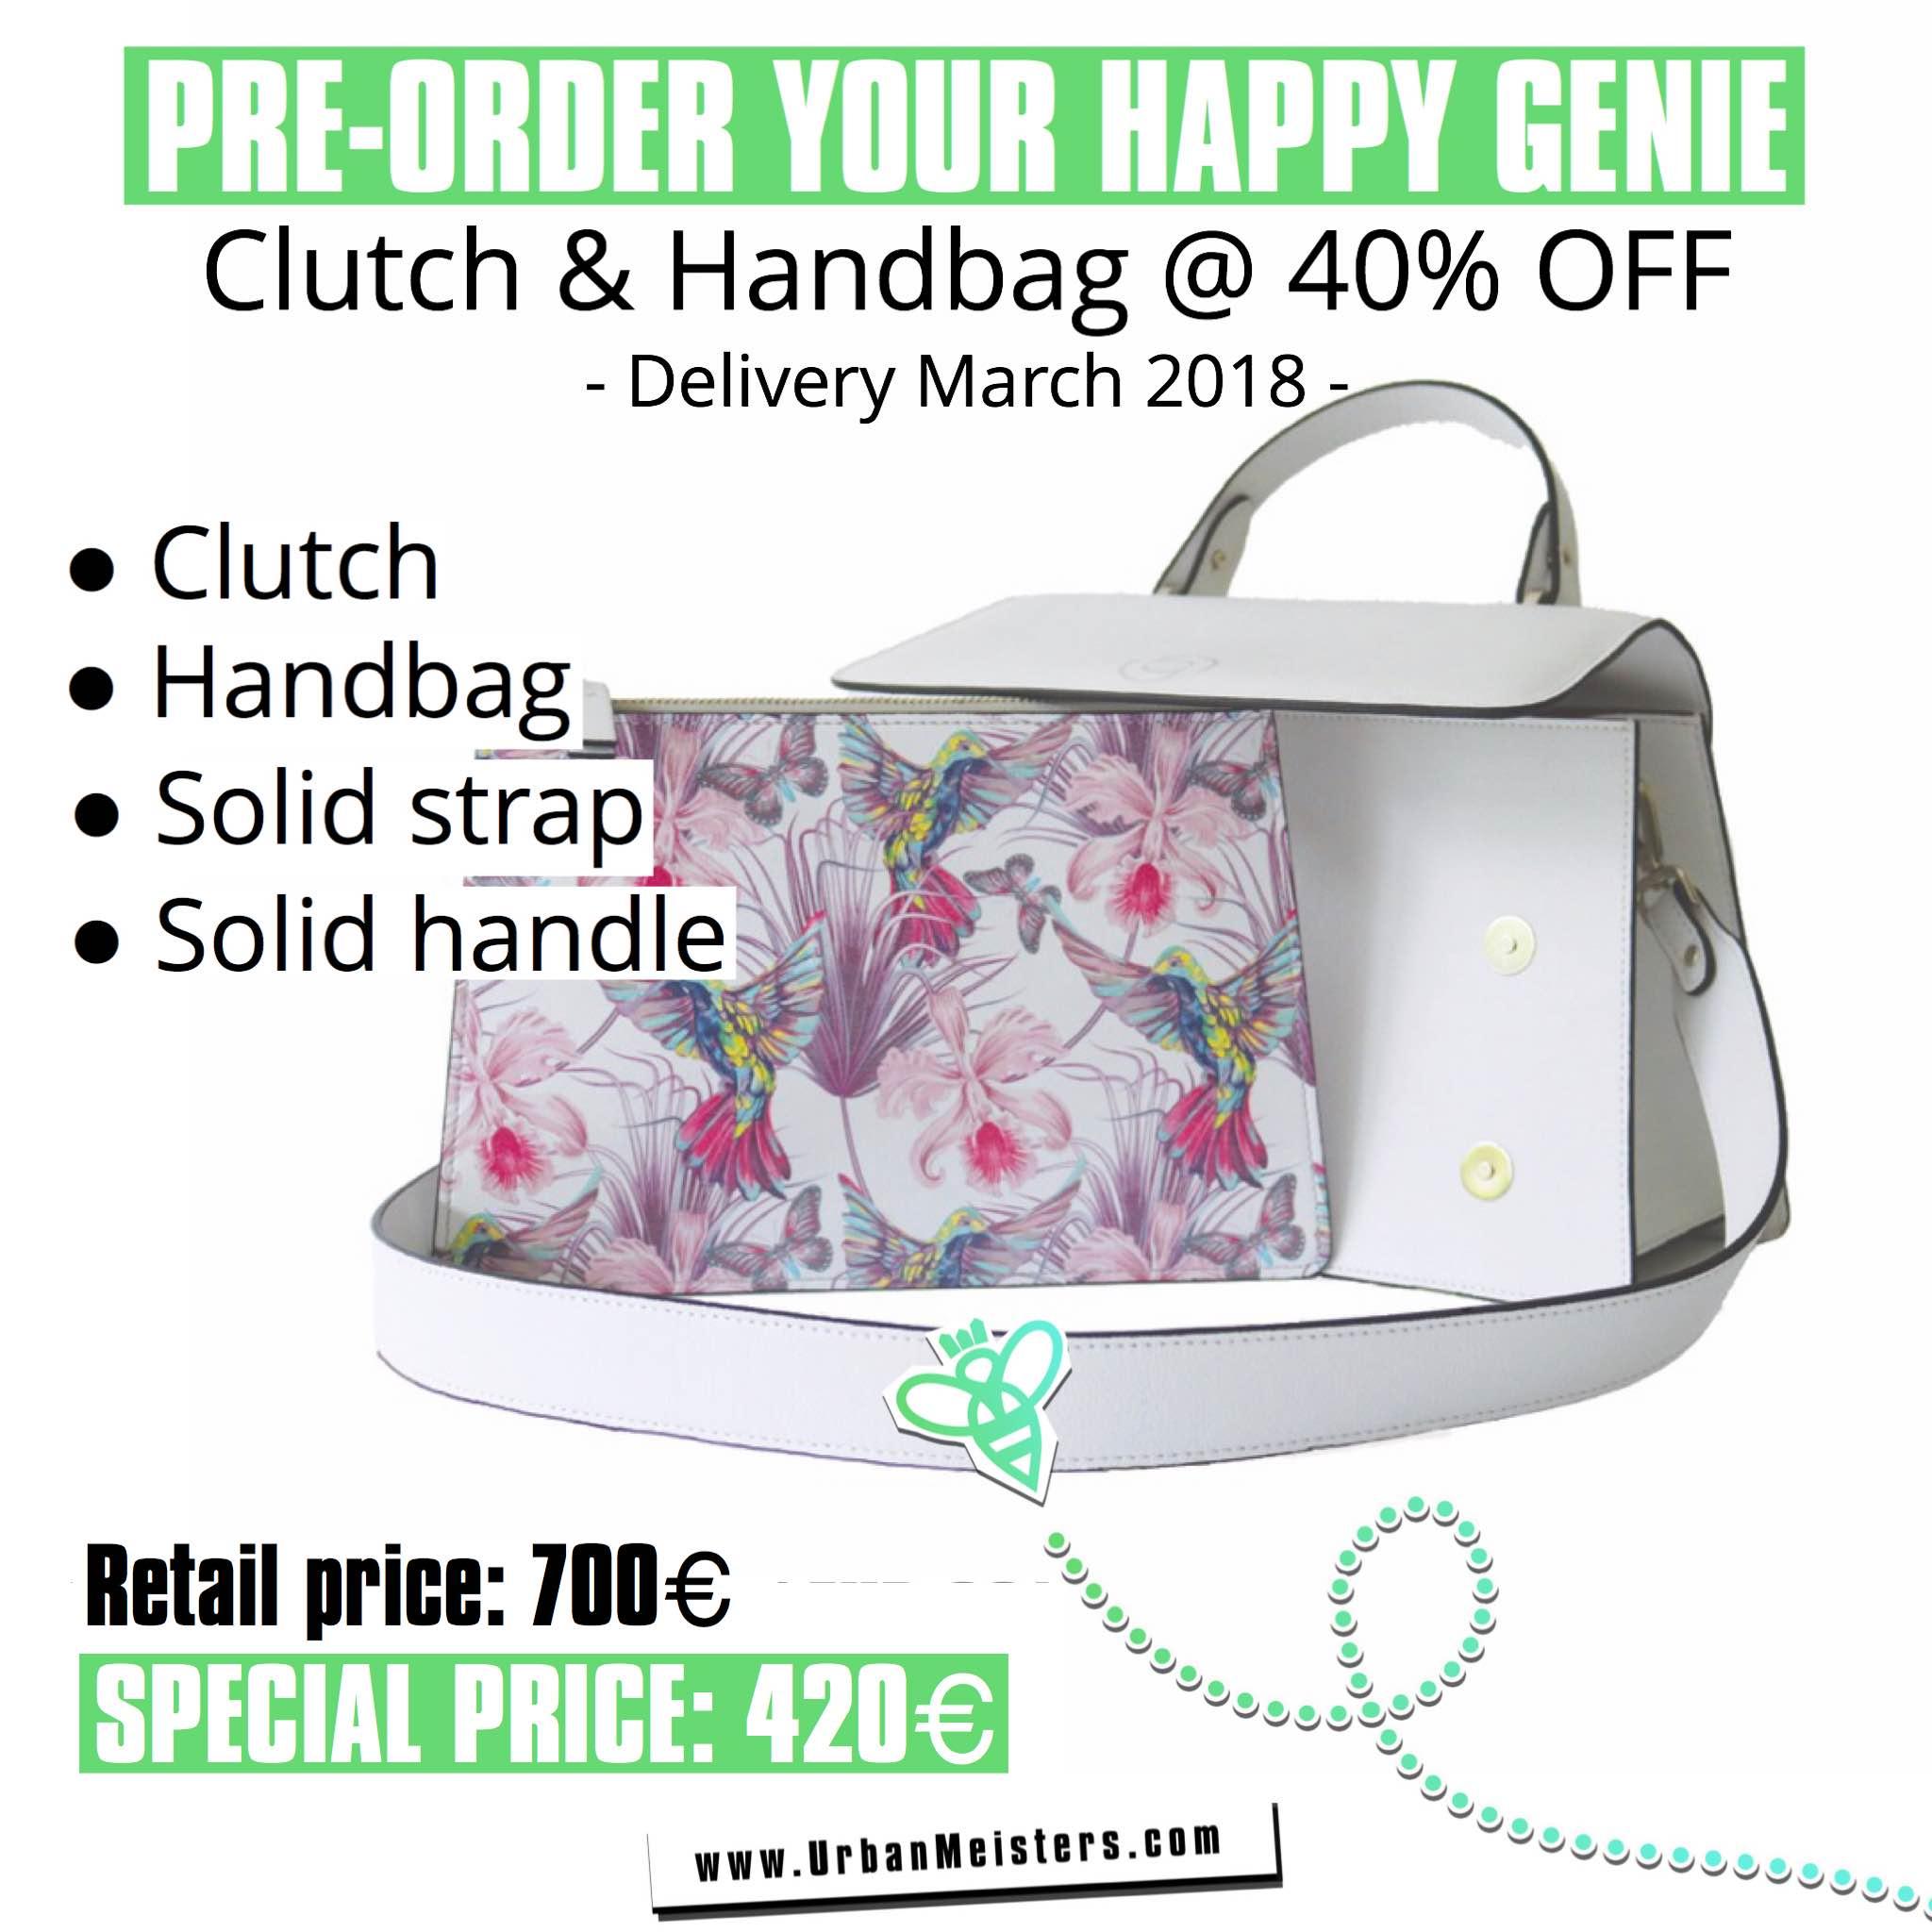 vegan handbags happy genie pre order 4